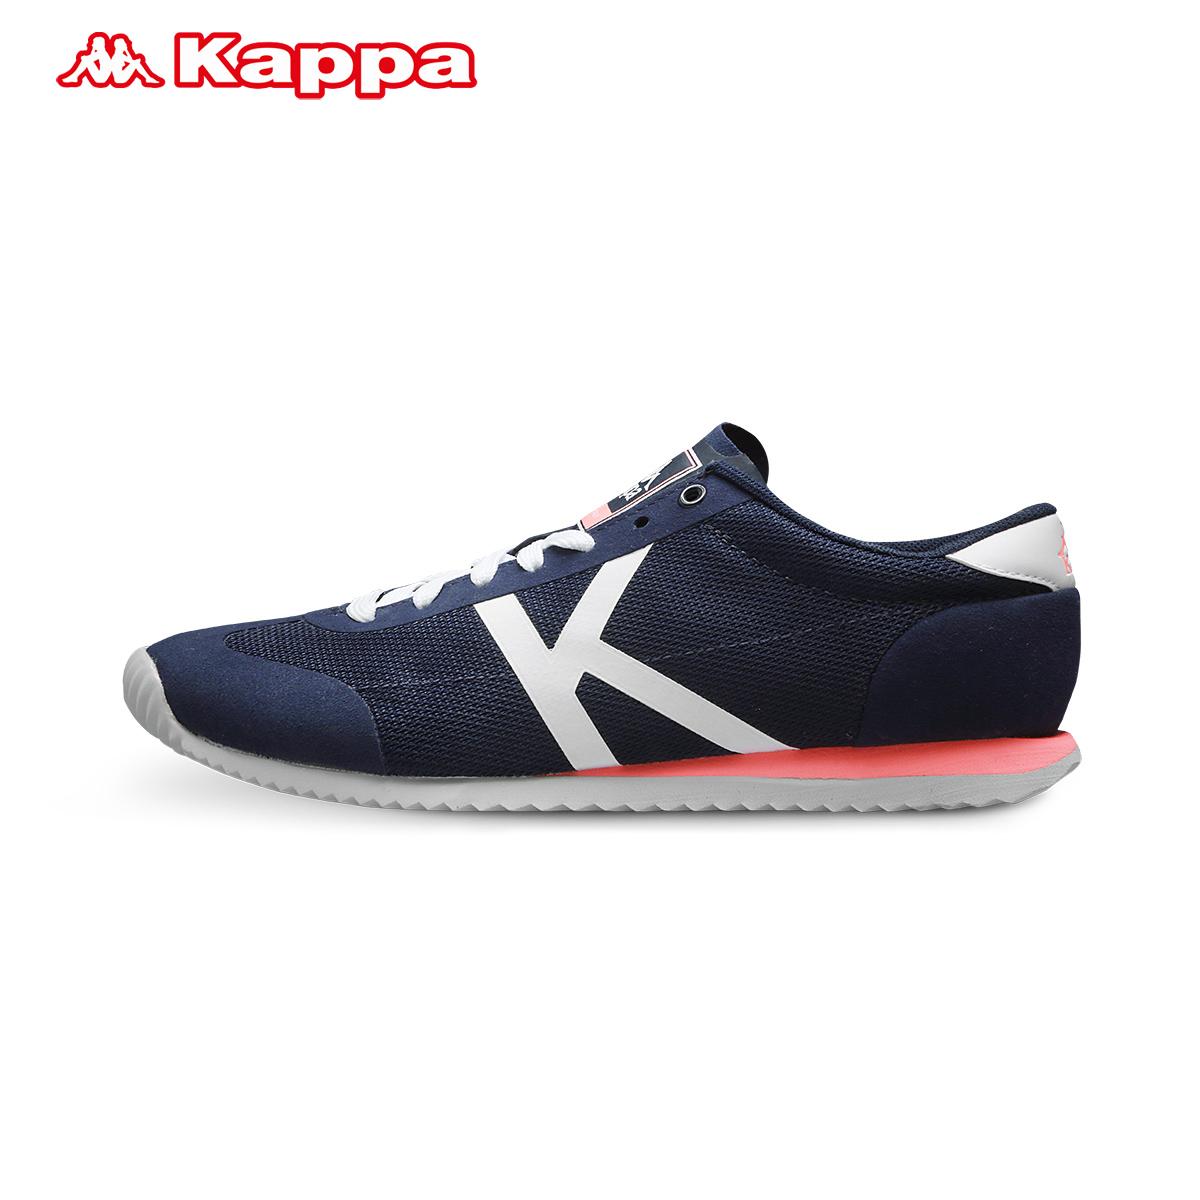 Kappa卡帕情侶男女款跑步鞋 運動鞋休閑鞋 |K0715MM25